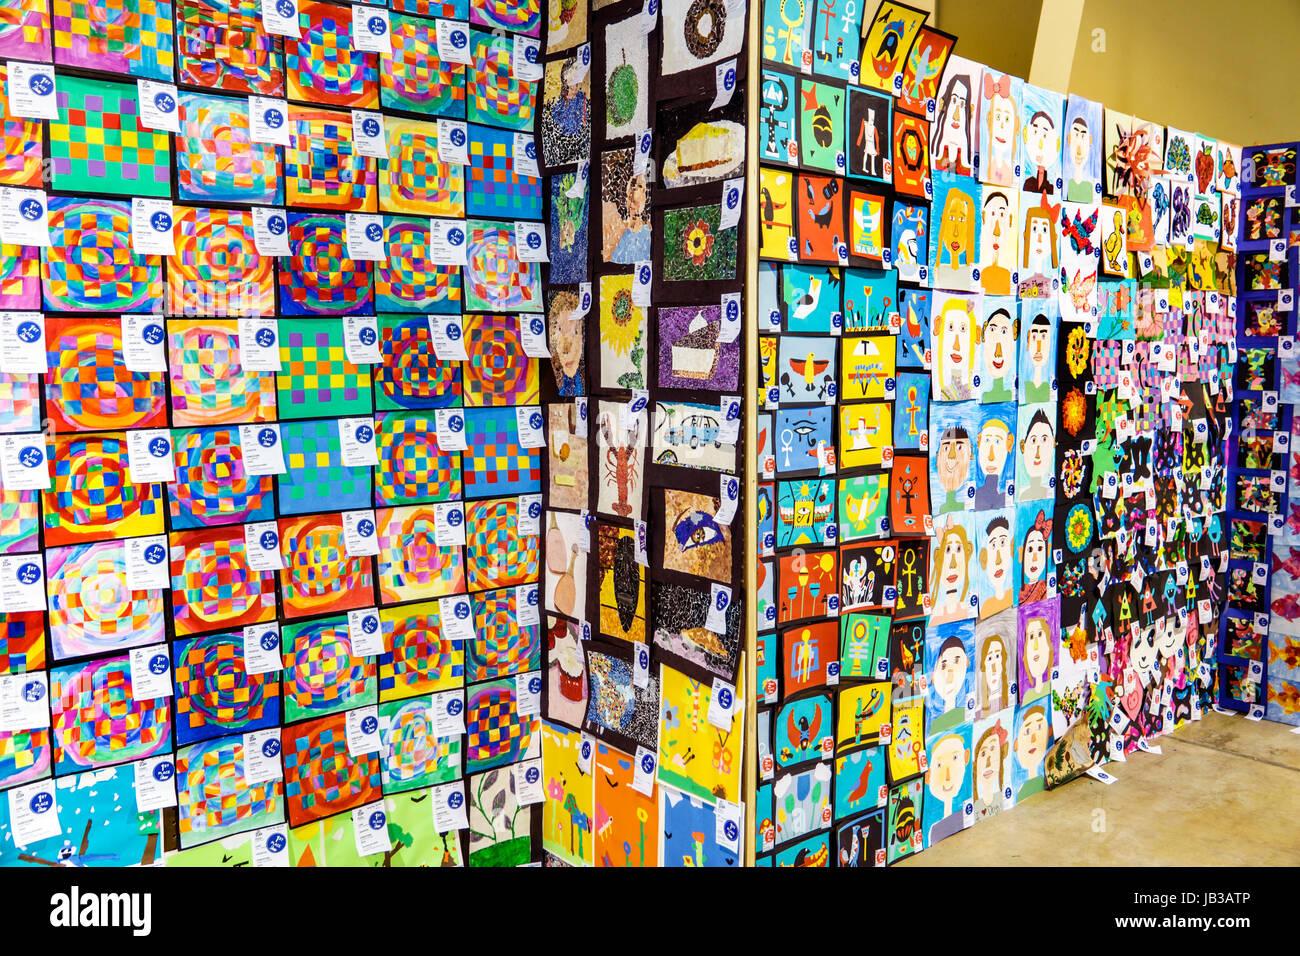 Miami Florida Tamiami Per Voli Park Miami Dade Gioventù County Fair